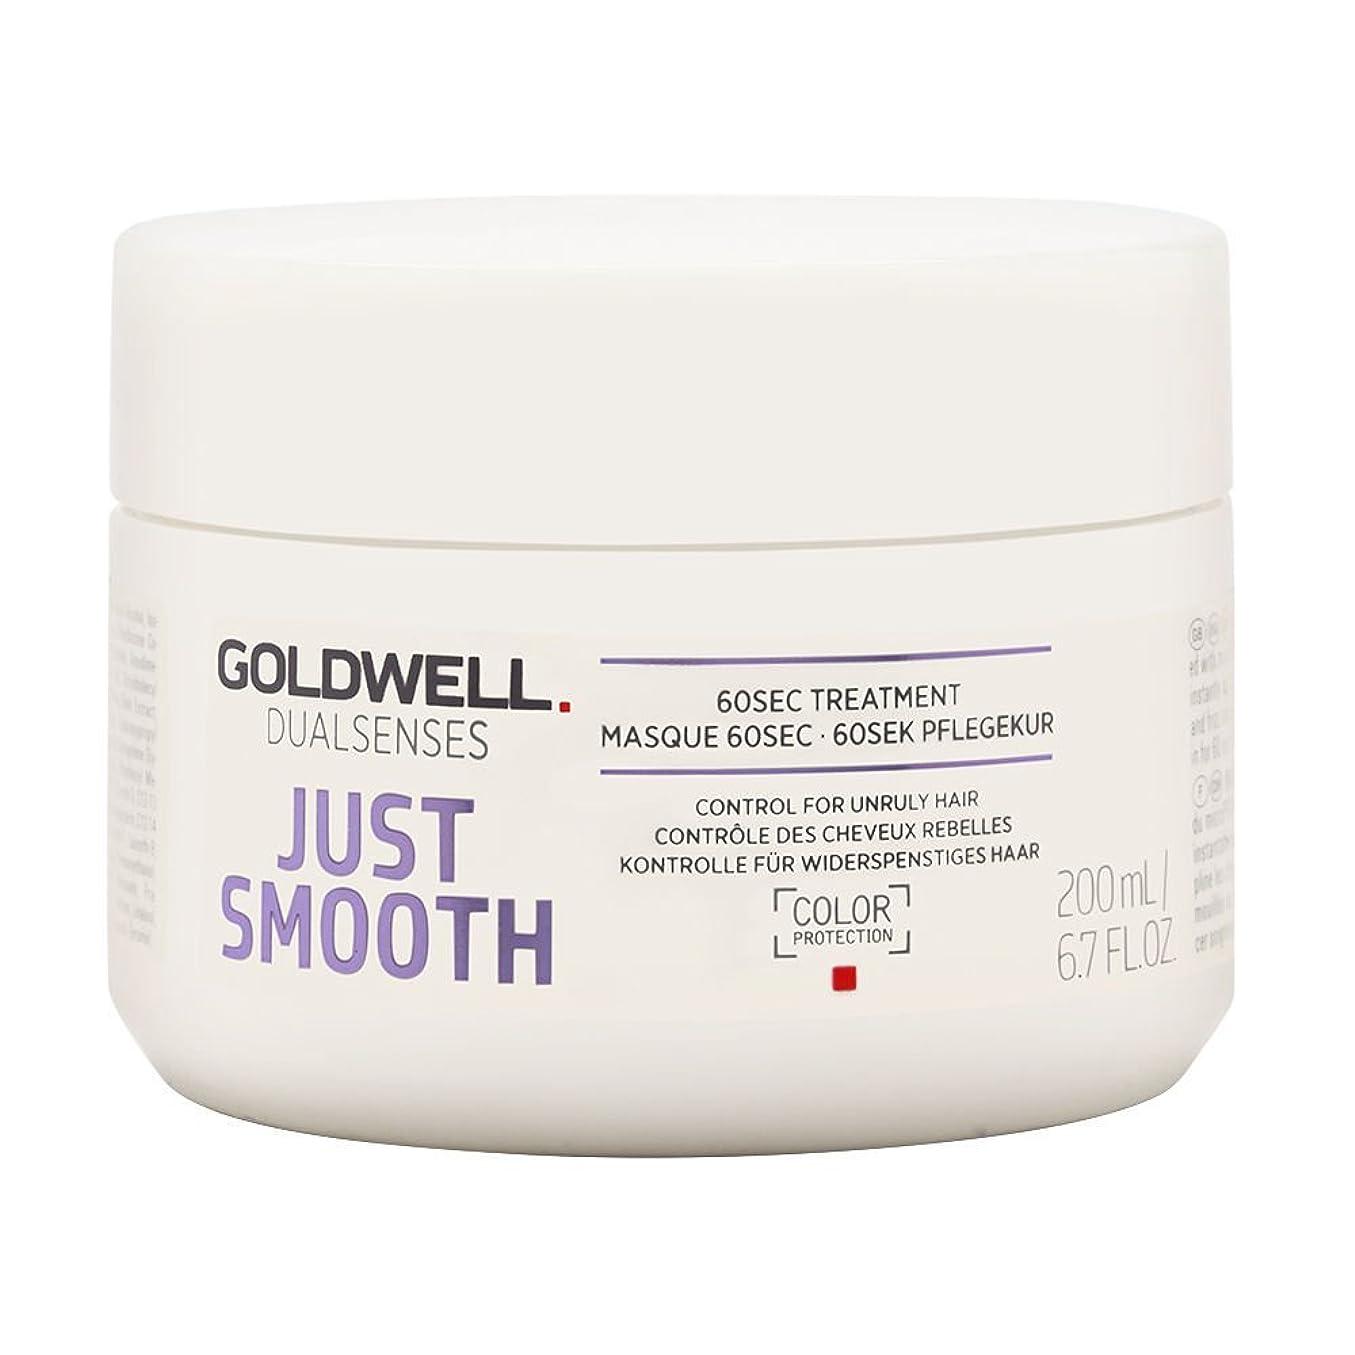 あからさま緊張共産主義者Goldwell Dualsenses Just Smooth 60sec Taming Treatment 200ml